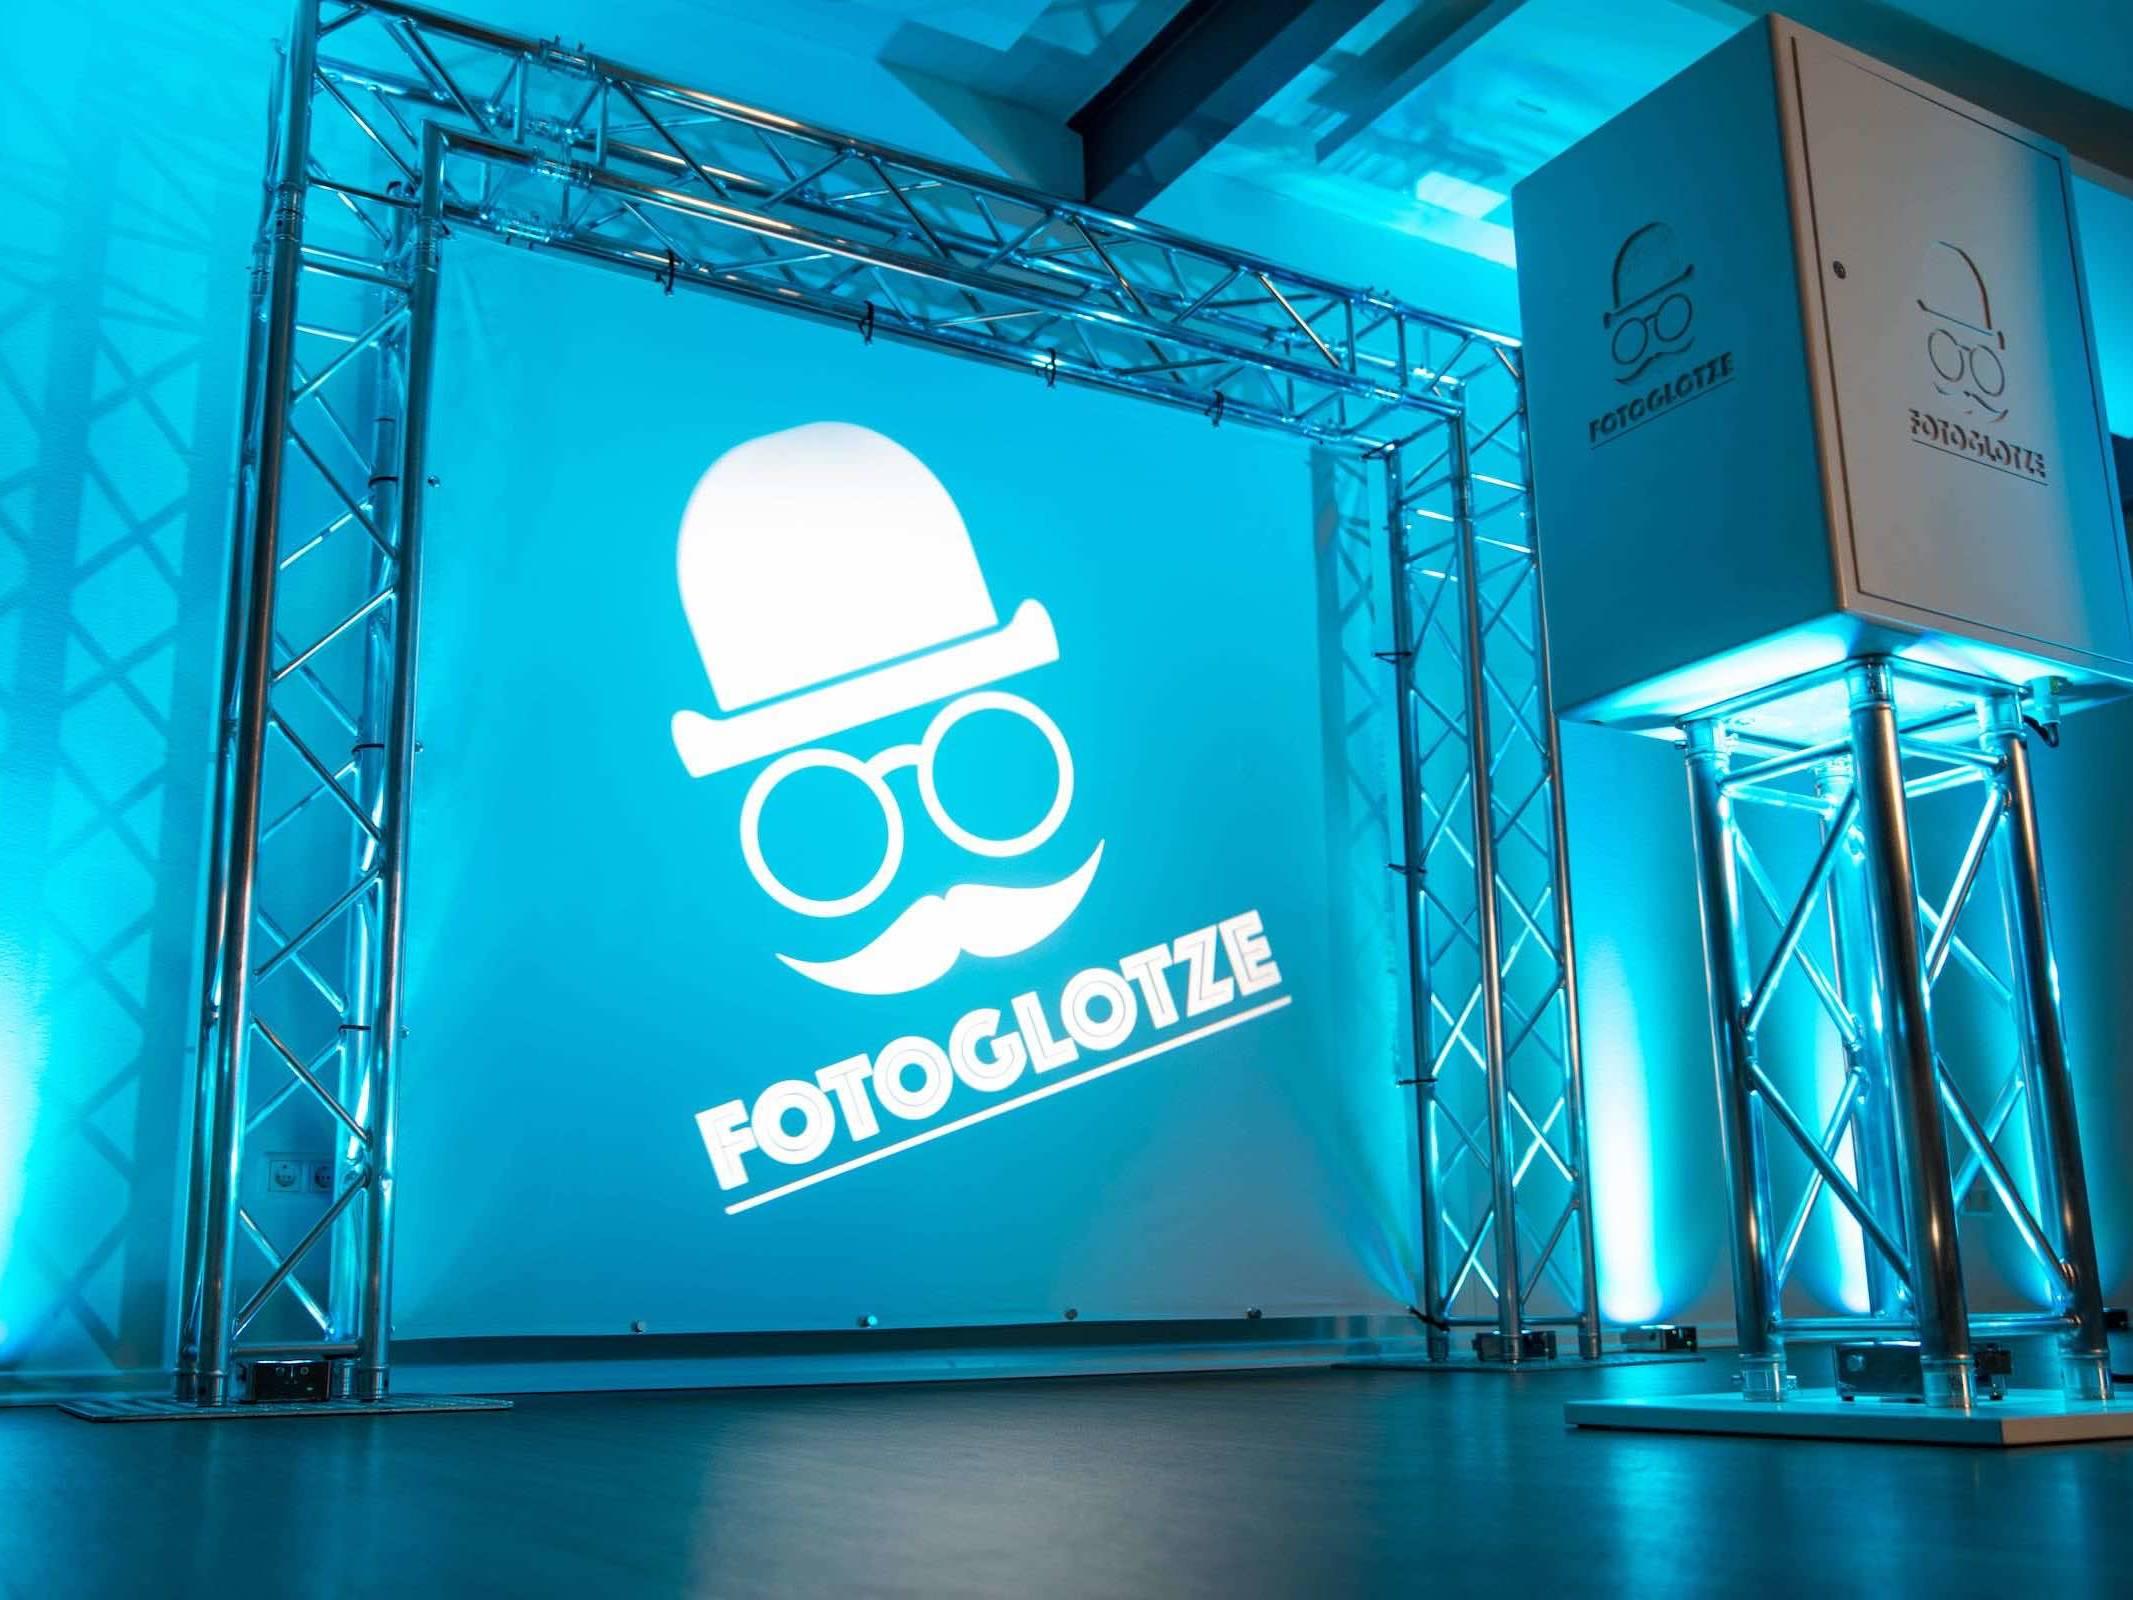 Fotobox   Hamburg   Fotokiste   Hochzeit   Fotoautomat   Firmenfeier   Photobooth   Abiball   Fotoglotze   Buchen   Mieten   Anfragen   Hamburgfeiert